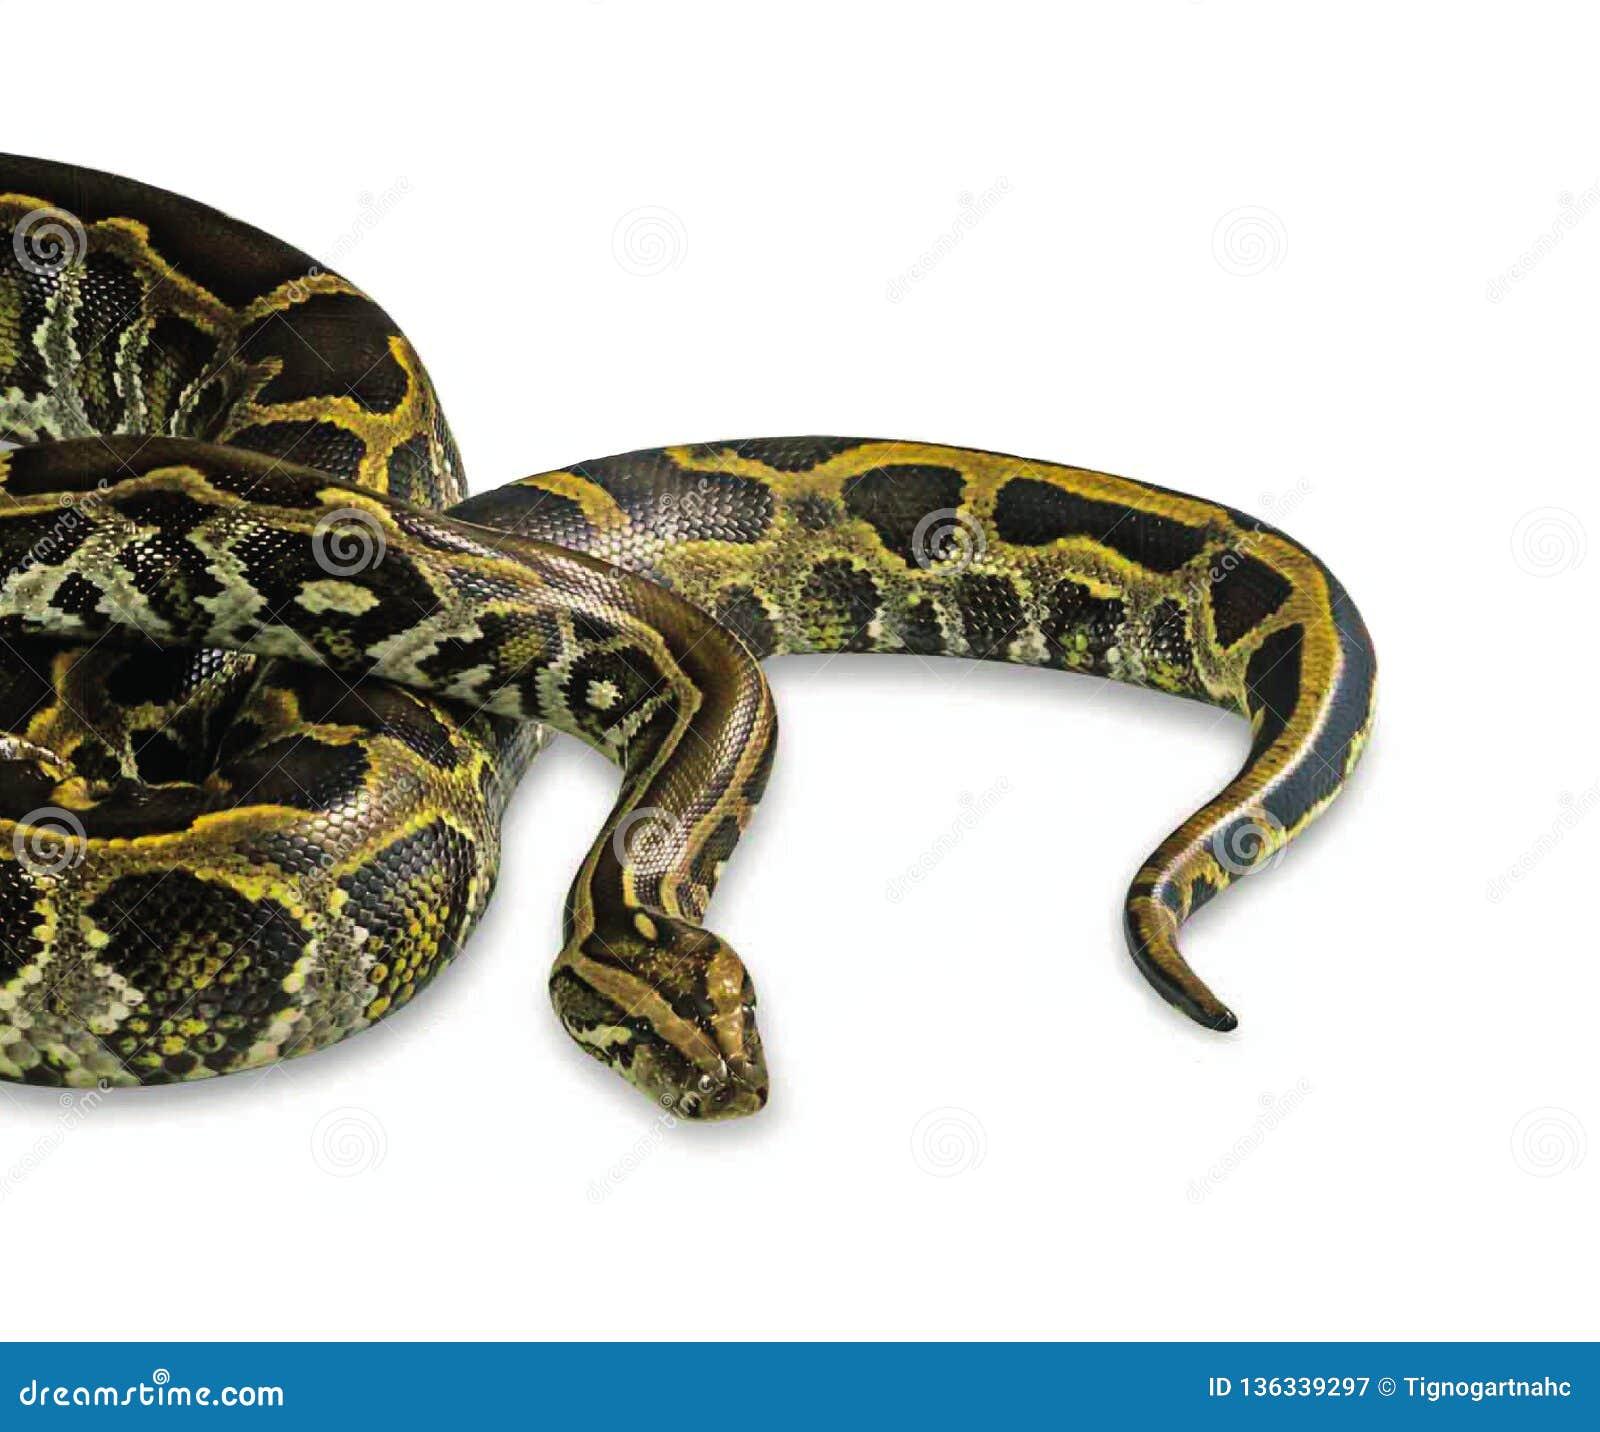 在白色背景隔绝的缅甸Python